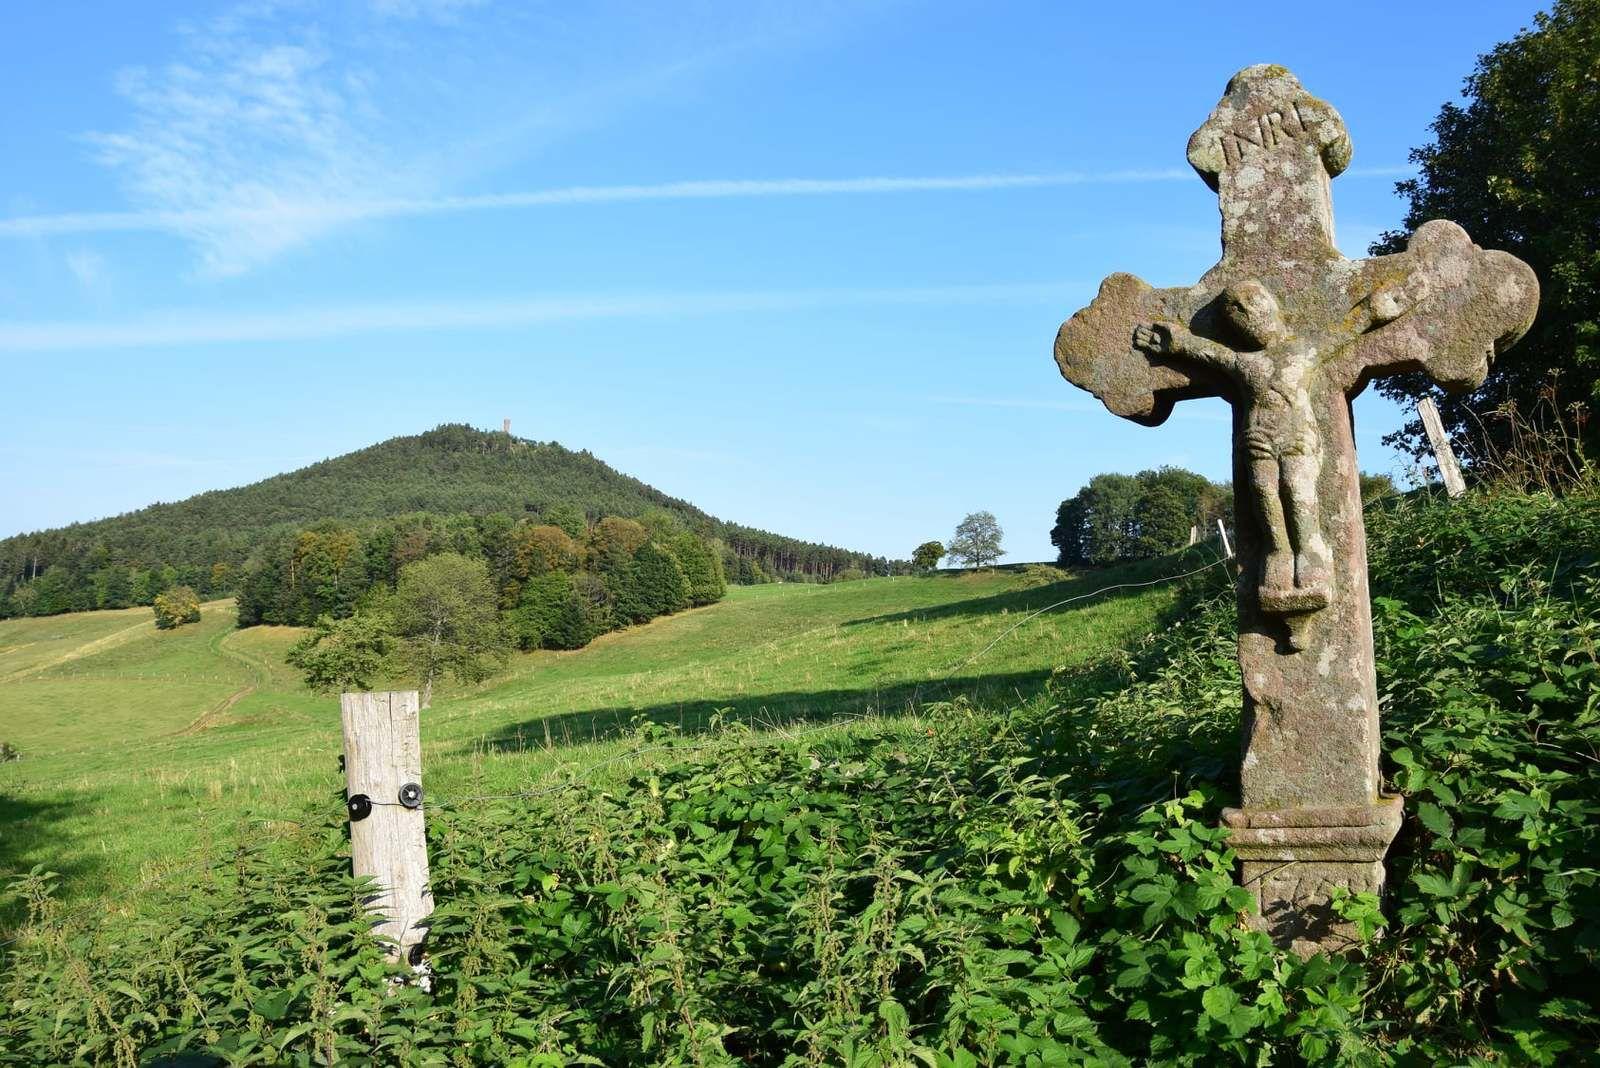 Autrefois, cette croix trilobée du 18ème siècle, était adossée à un beau chêne